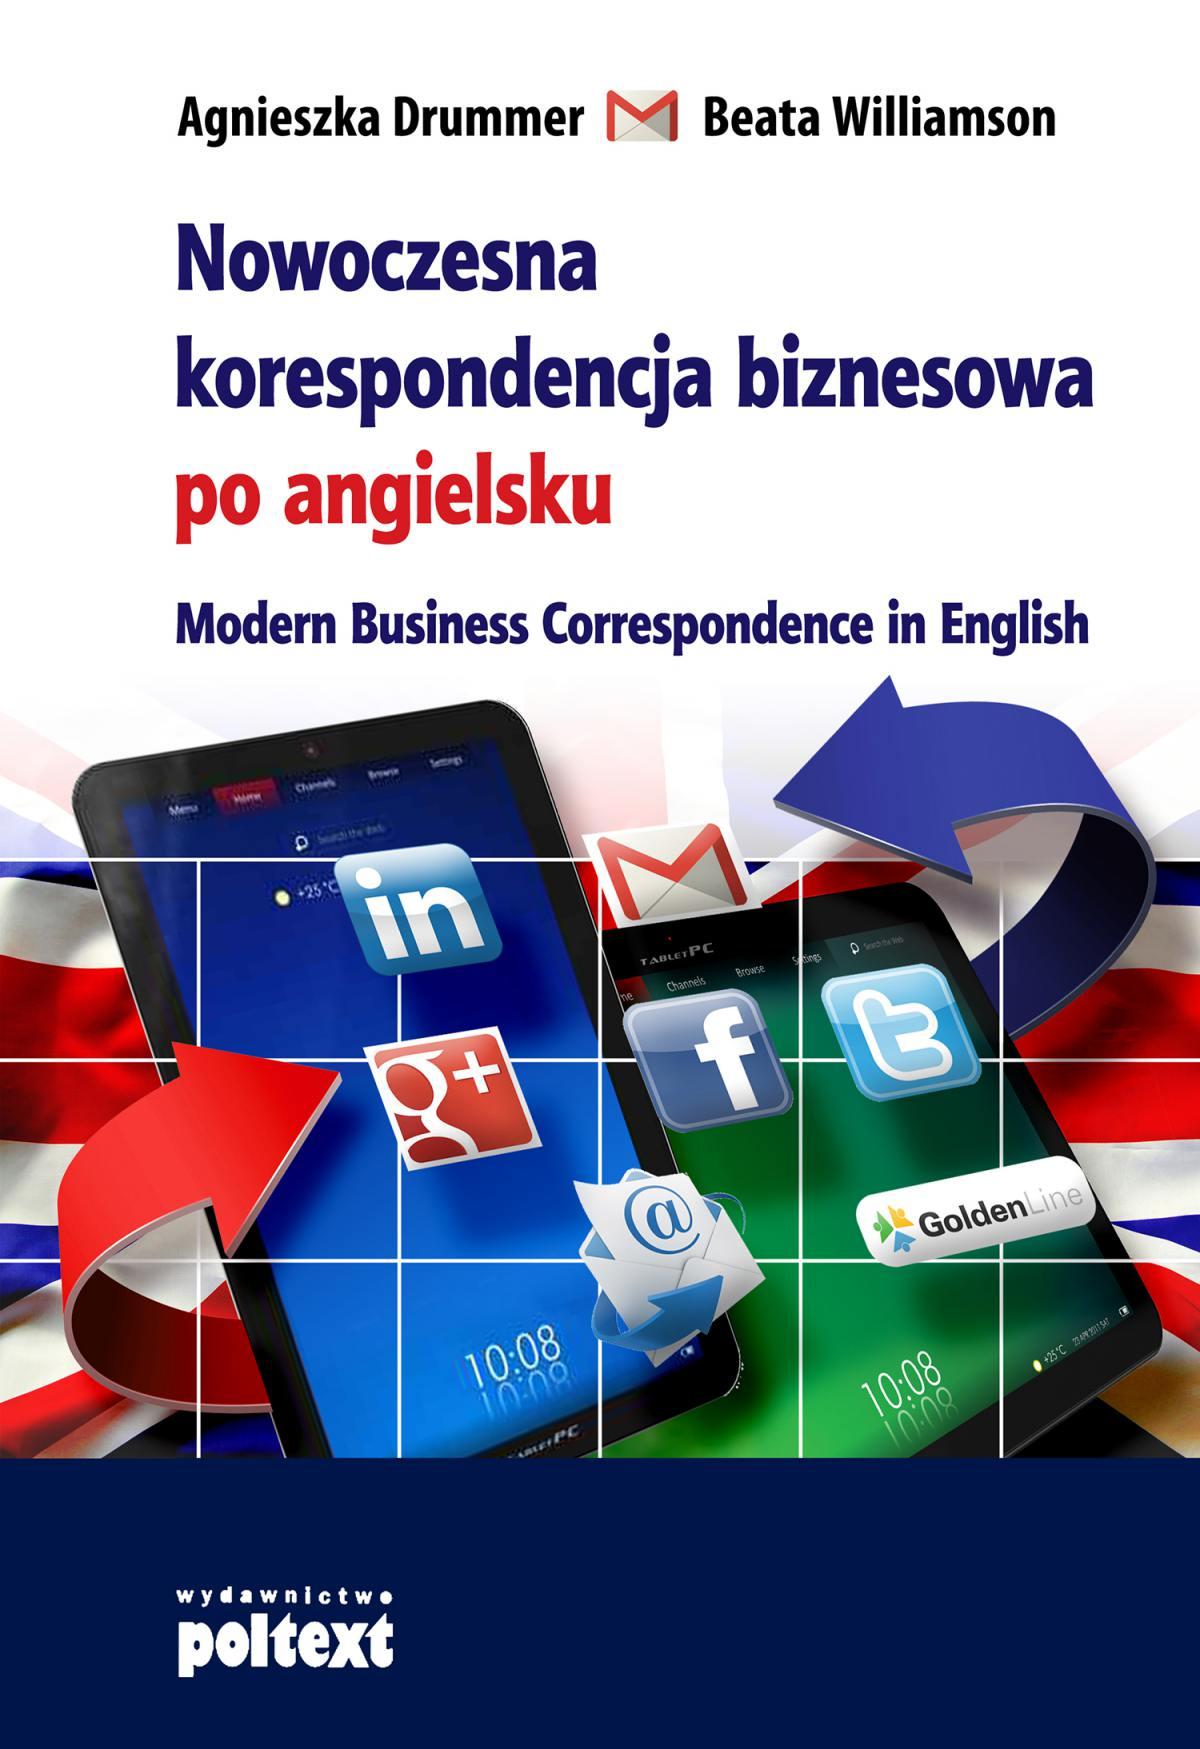 Nowoczesna korespondencja biznesowa po angielsku - Ebook (Książka PDF) do pobrania w formacie PDF